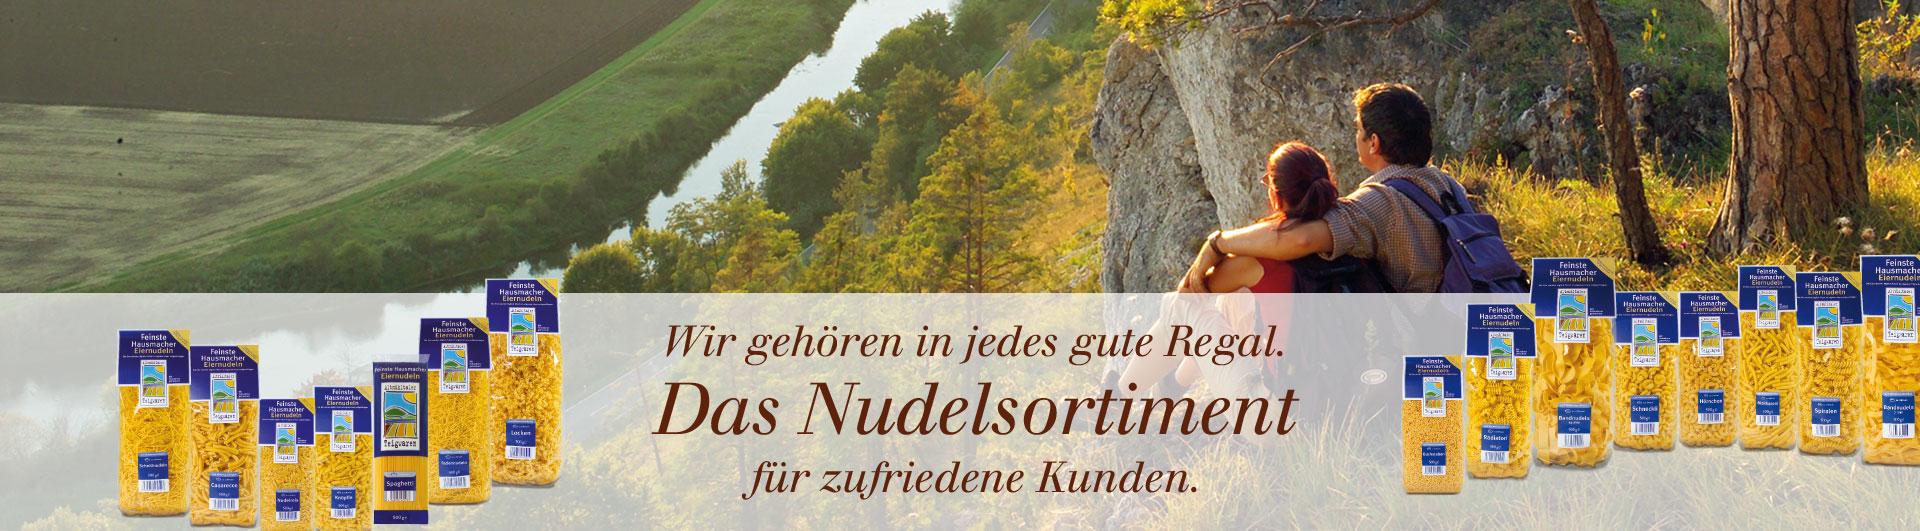 Headerbild_Nudeln